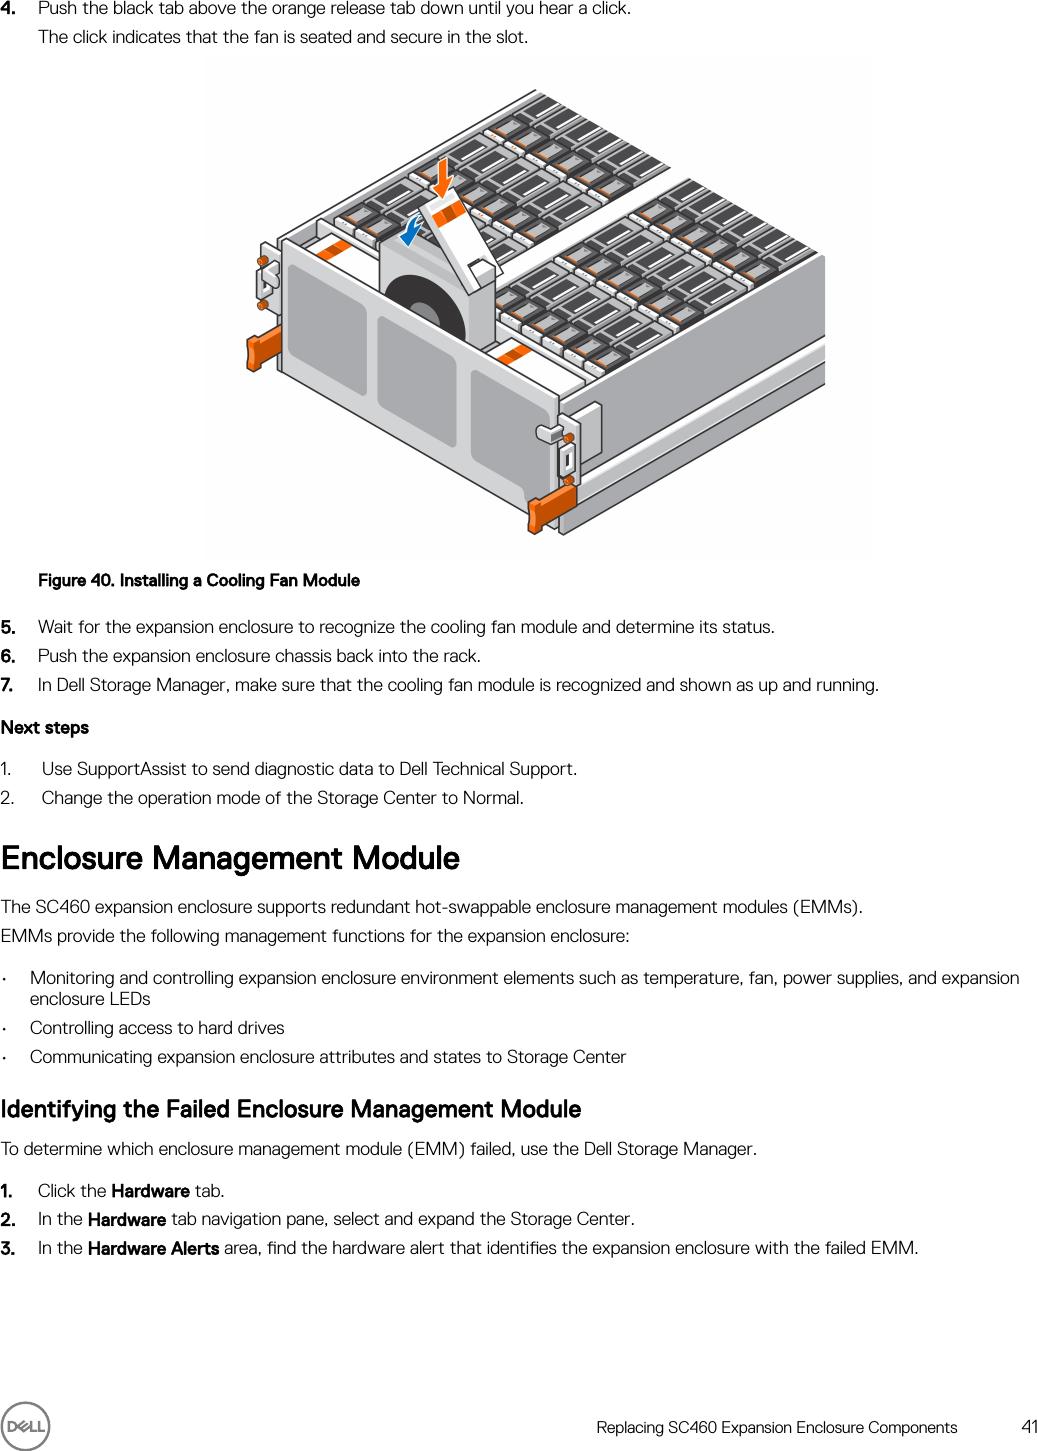 Dell Storage sc460 Expansion Enclosure Owner's Manual User En us